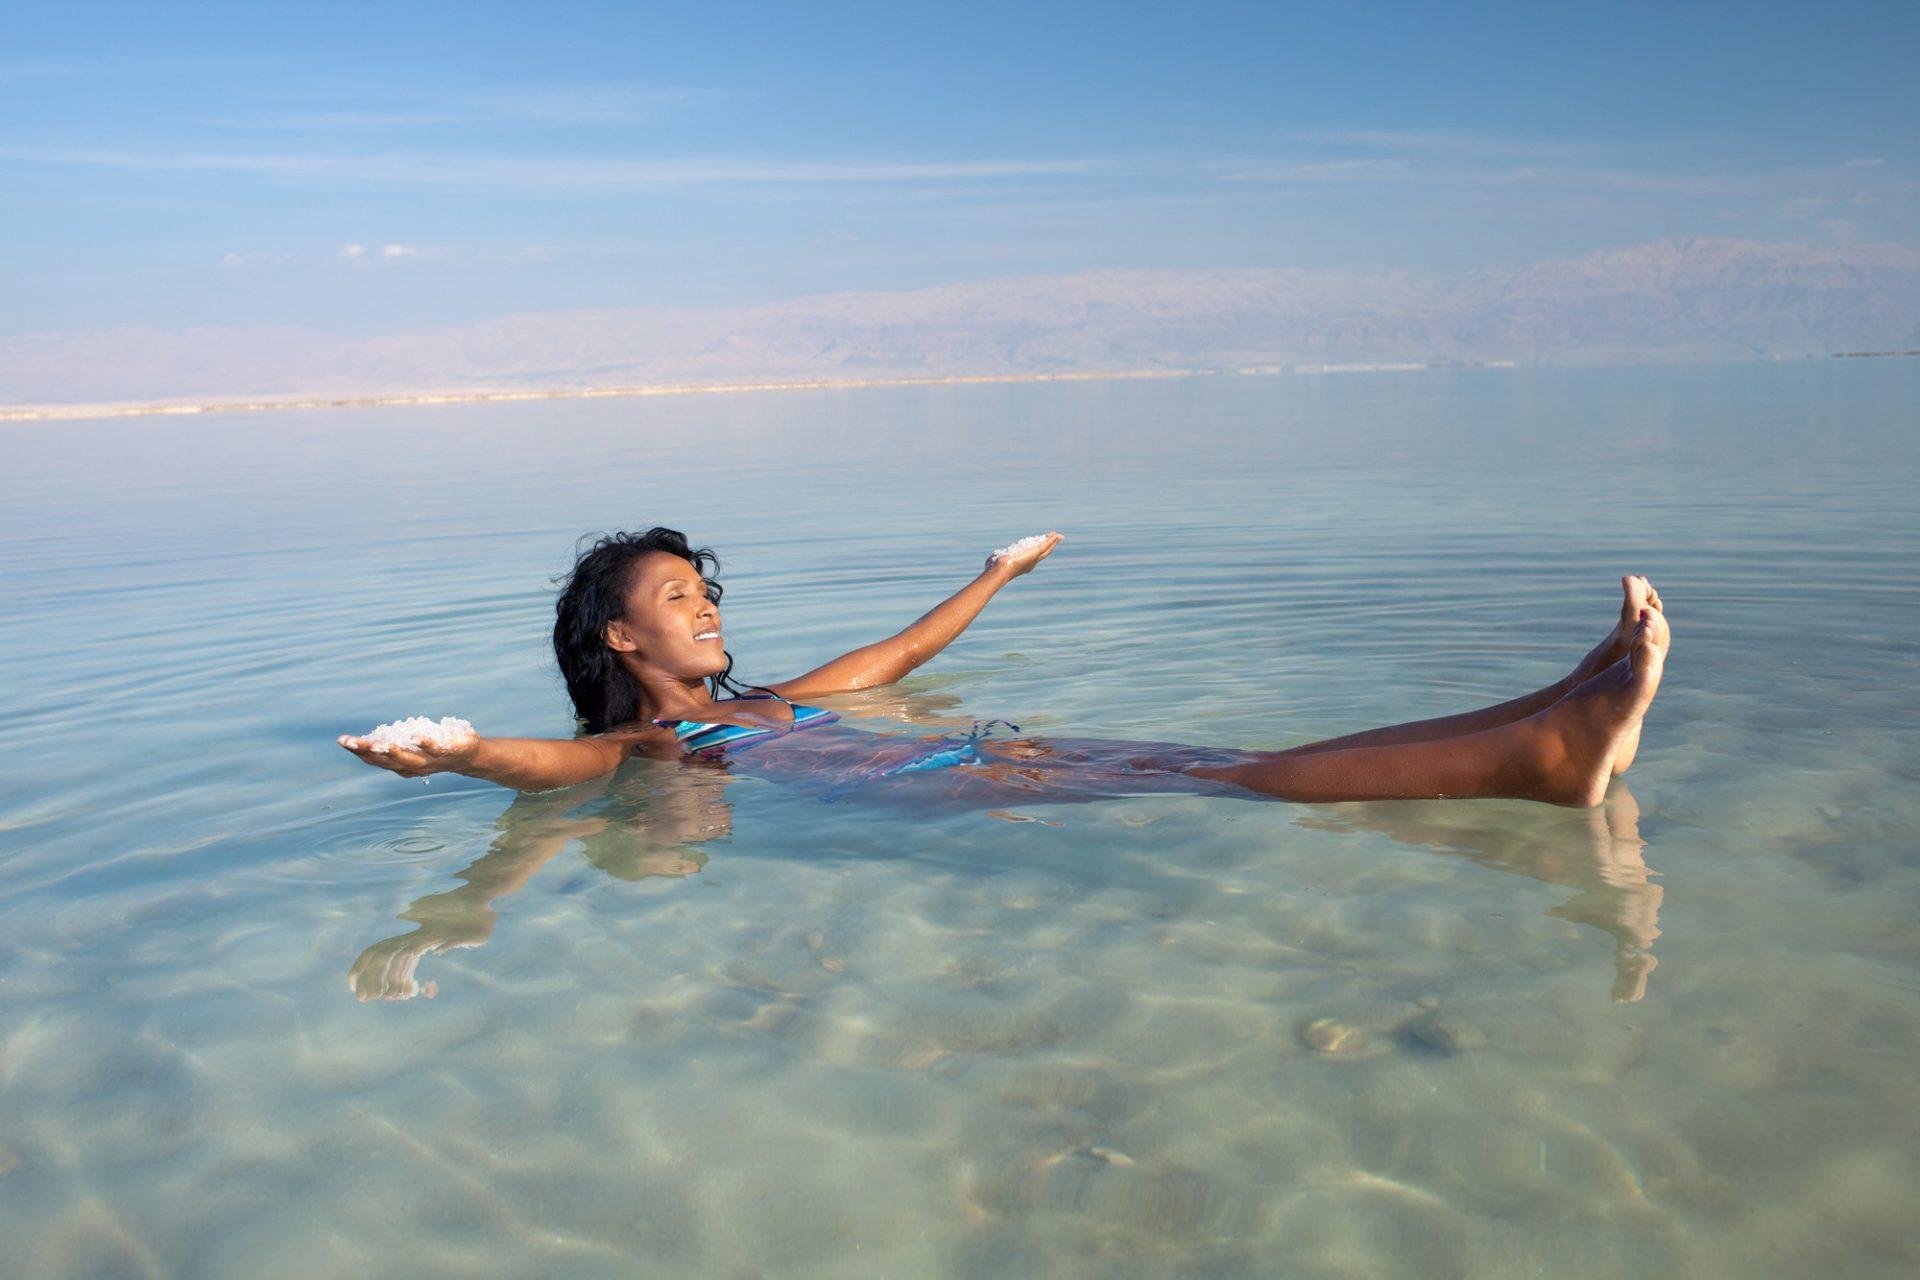 Θαλασσινό αλάτι Δέρμα: Tips ομορφιάς με βάση το θαλασσινό αλάτι [vid]